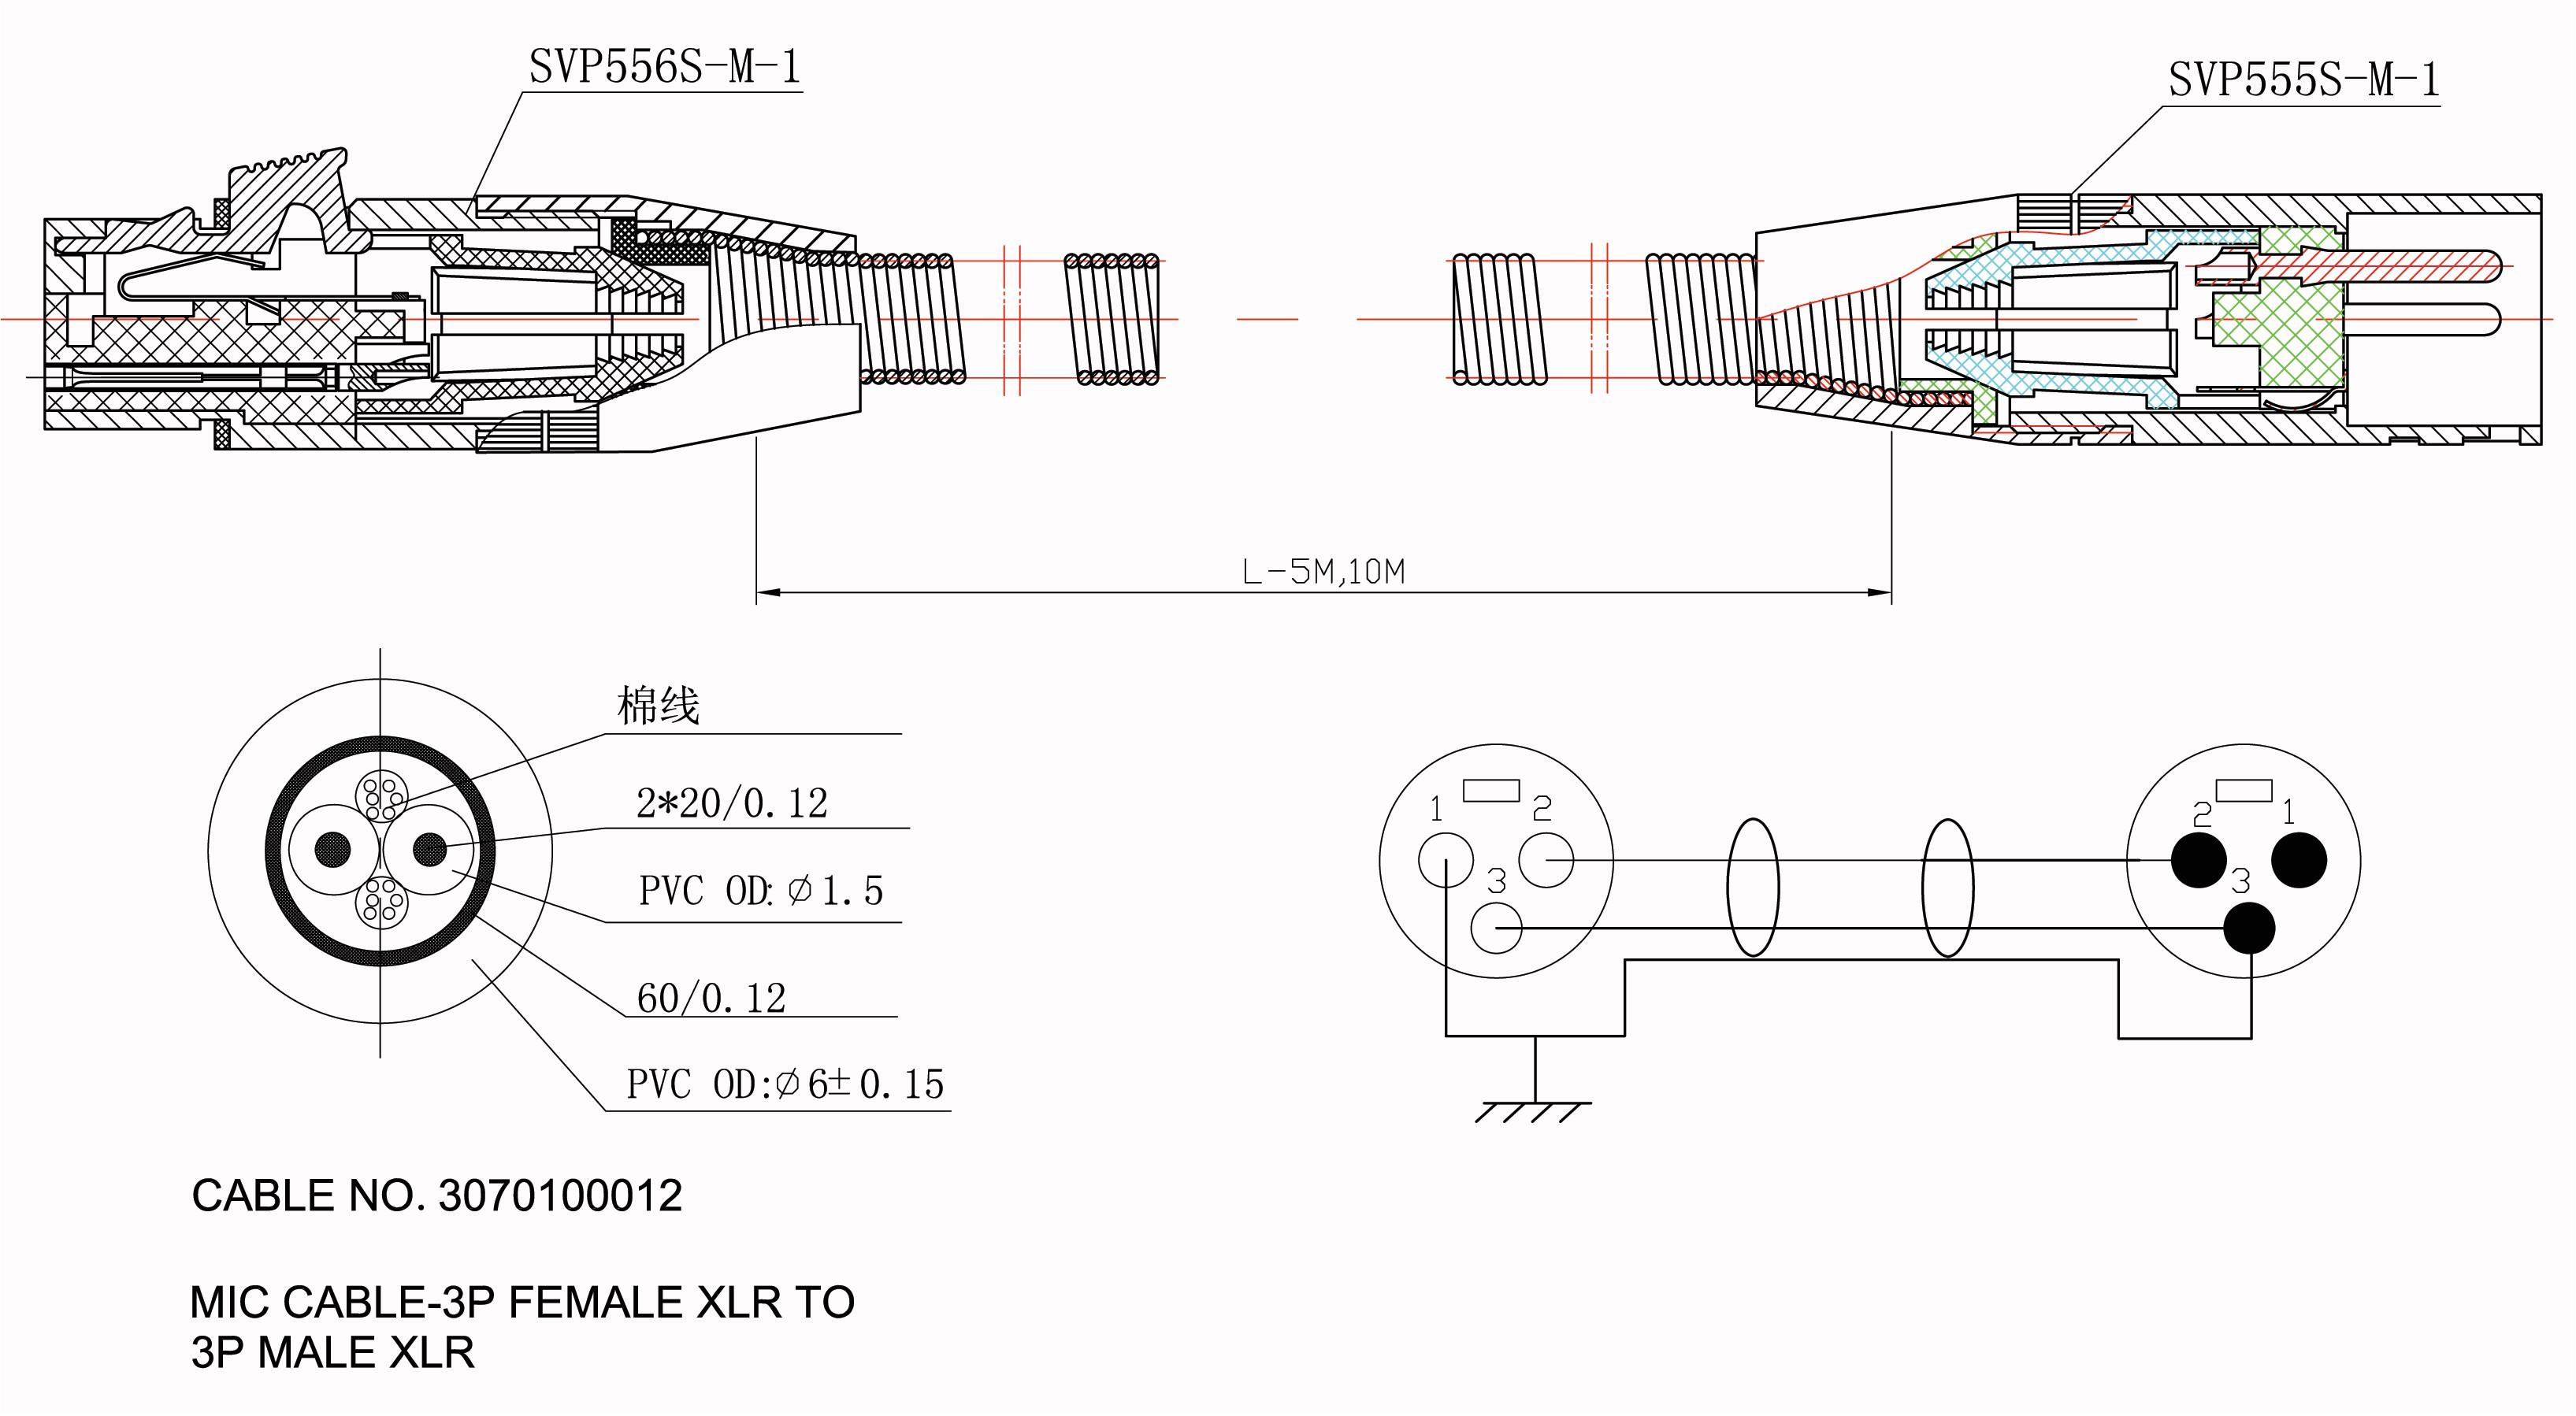 6 pin dmx wiring diagram wiring diagram page 6 pin dmx wiring diagram